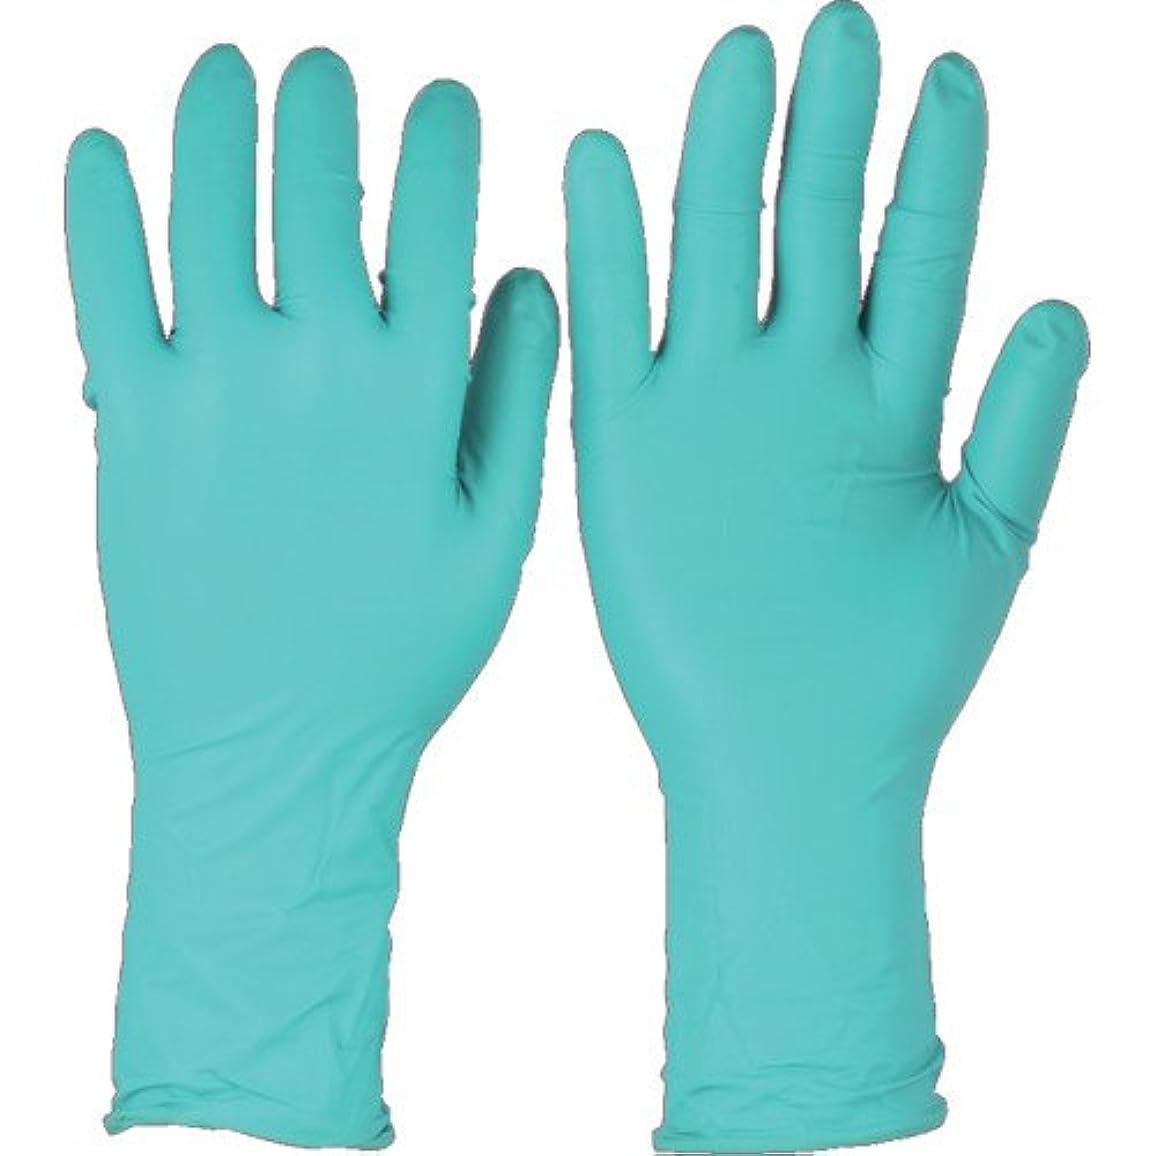 文明化する必需品教科書トラスコ中山 アンセル ネオプレンゴム使い捨て手袋 マイクロフレックス 93-260 XSサイズ (50枚入)  932606